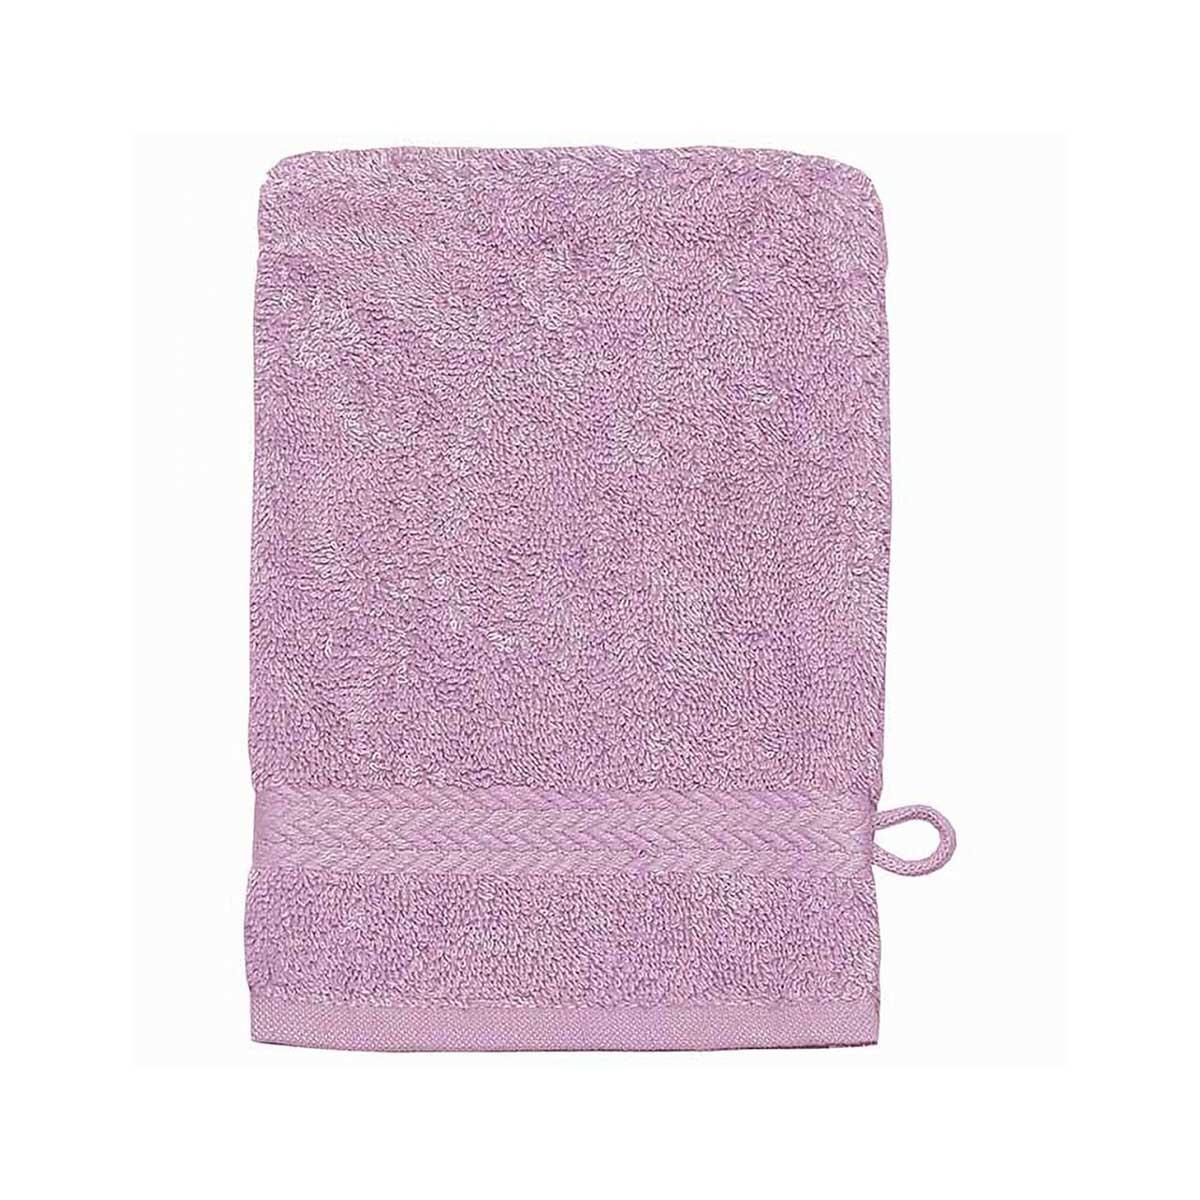 Gant de toilette 16 x 22 cm en Coton couleur Parme - Parme - 16x22 cm